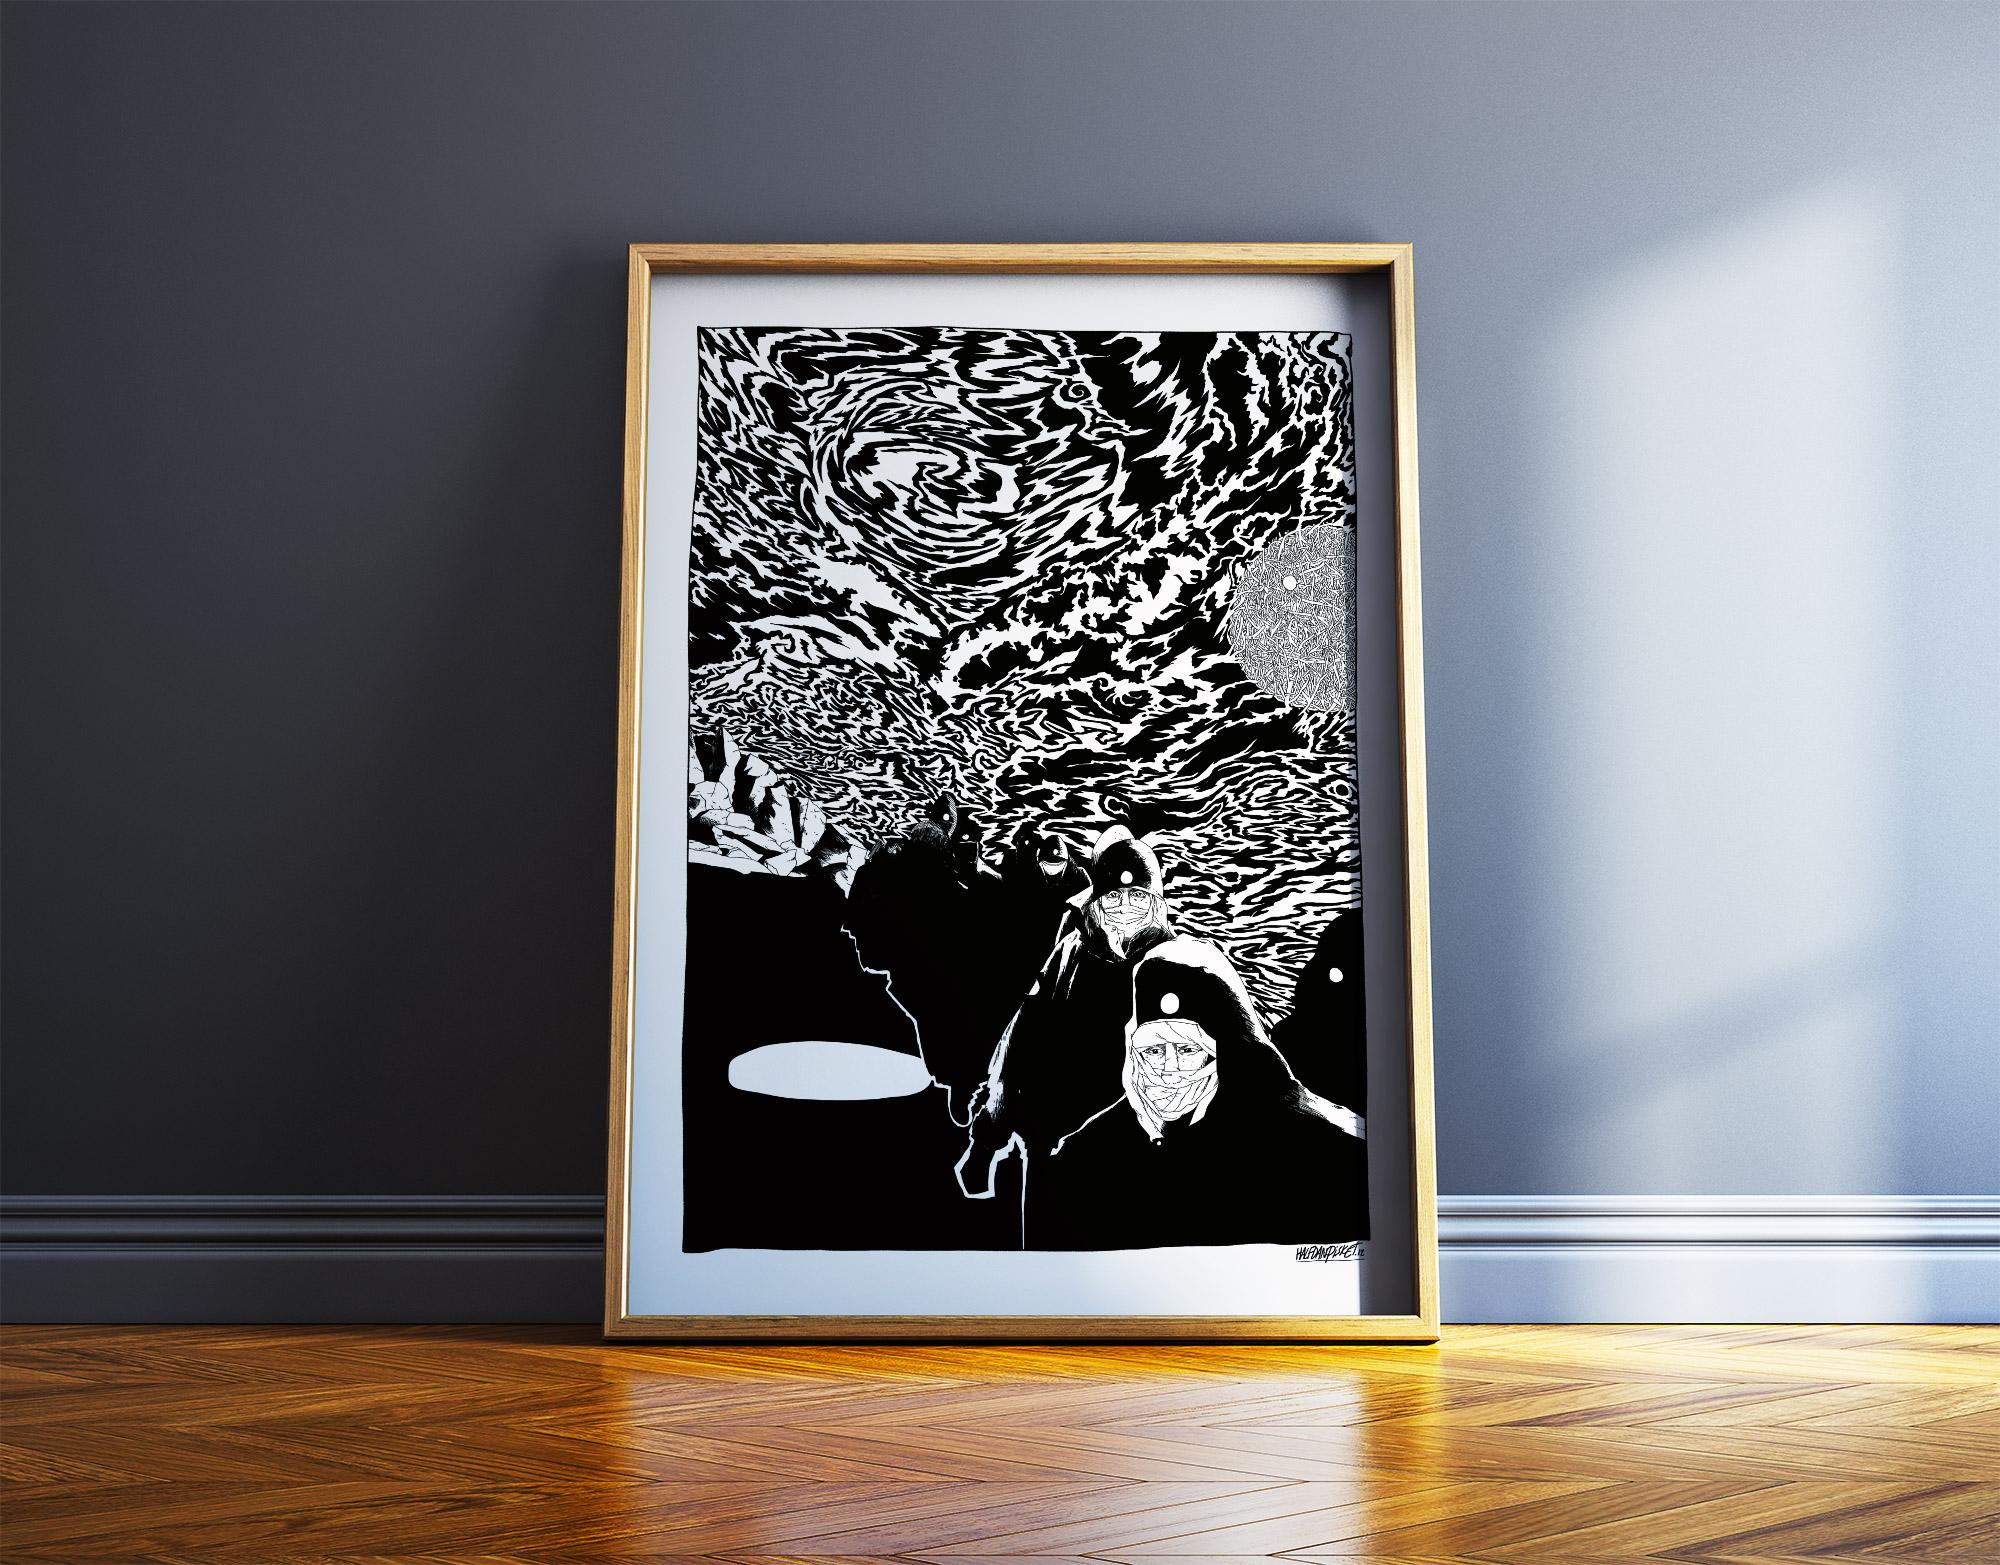 plakater-posters-kunsttryk, giclee-tryk, grafiske, illustrative, monokrome, portræt, tegneserier, bevægelse, natur, himmel, sorte, hvide, blæk, papir, atmosfære, sort-hvide, samtidskunst, dansk, dekorative, design, ansigter, moderne, moderne-kunst, bjerge, nordisk, plakater, tryk, skandinavisk, sceneri, Køb original kunst og kunstplakater. Malerier, tegninger, limited edition kunsttryk & plakater af dygtige kunstnere.